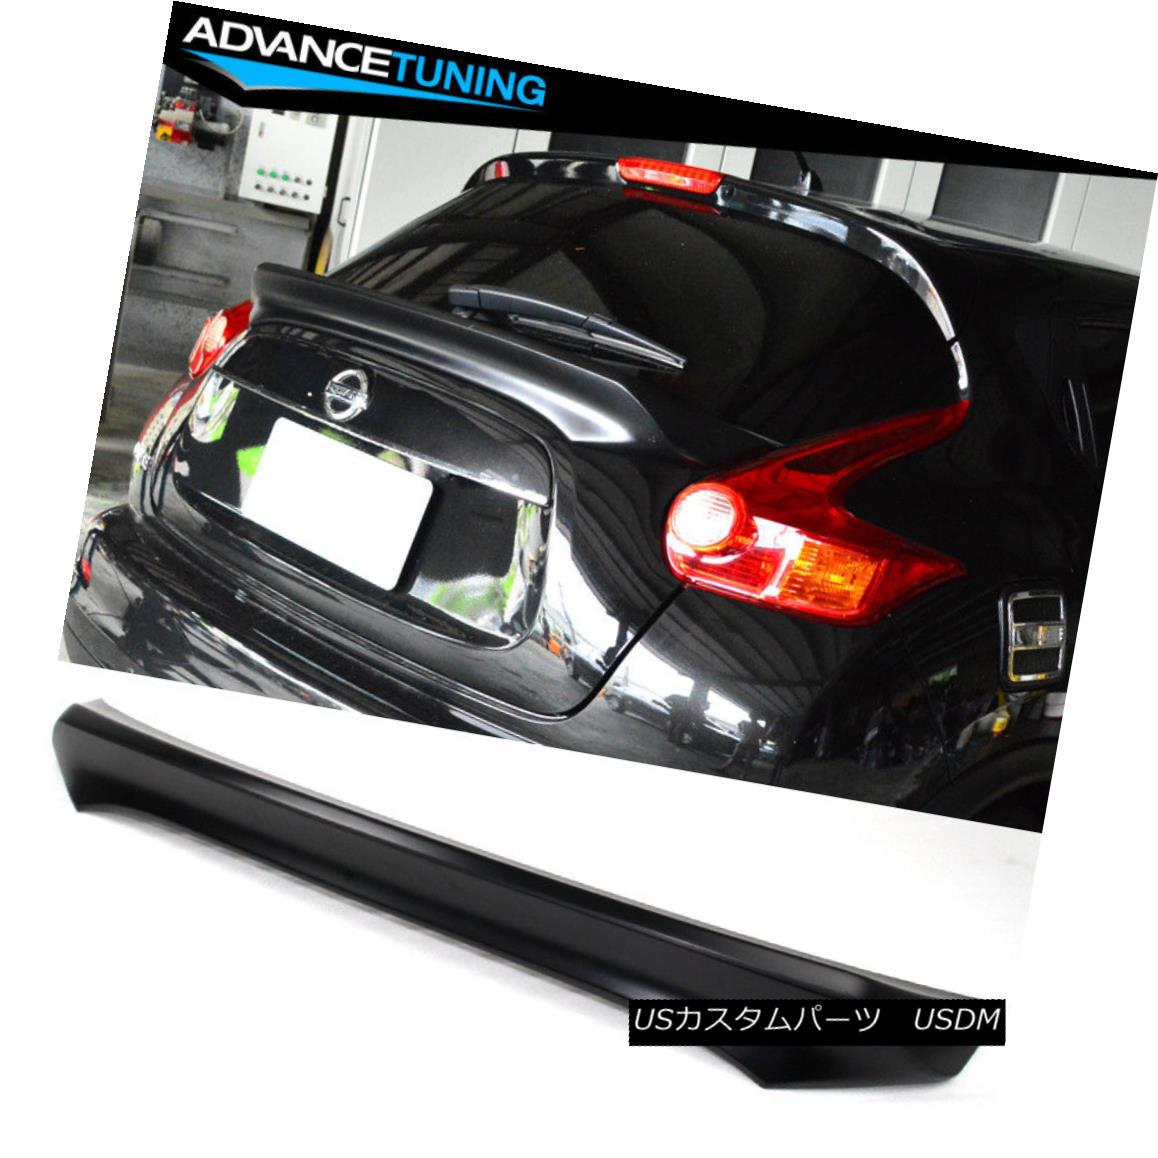 エアロパーツ Fits 15-17 Nissan Juke IKON Style Unpainted Trunk Spoiler - ABS フィット15-17日産ジュークIKONスタイル無塗装トランクスポイラー - ABS